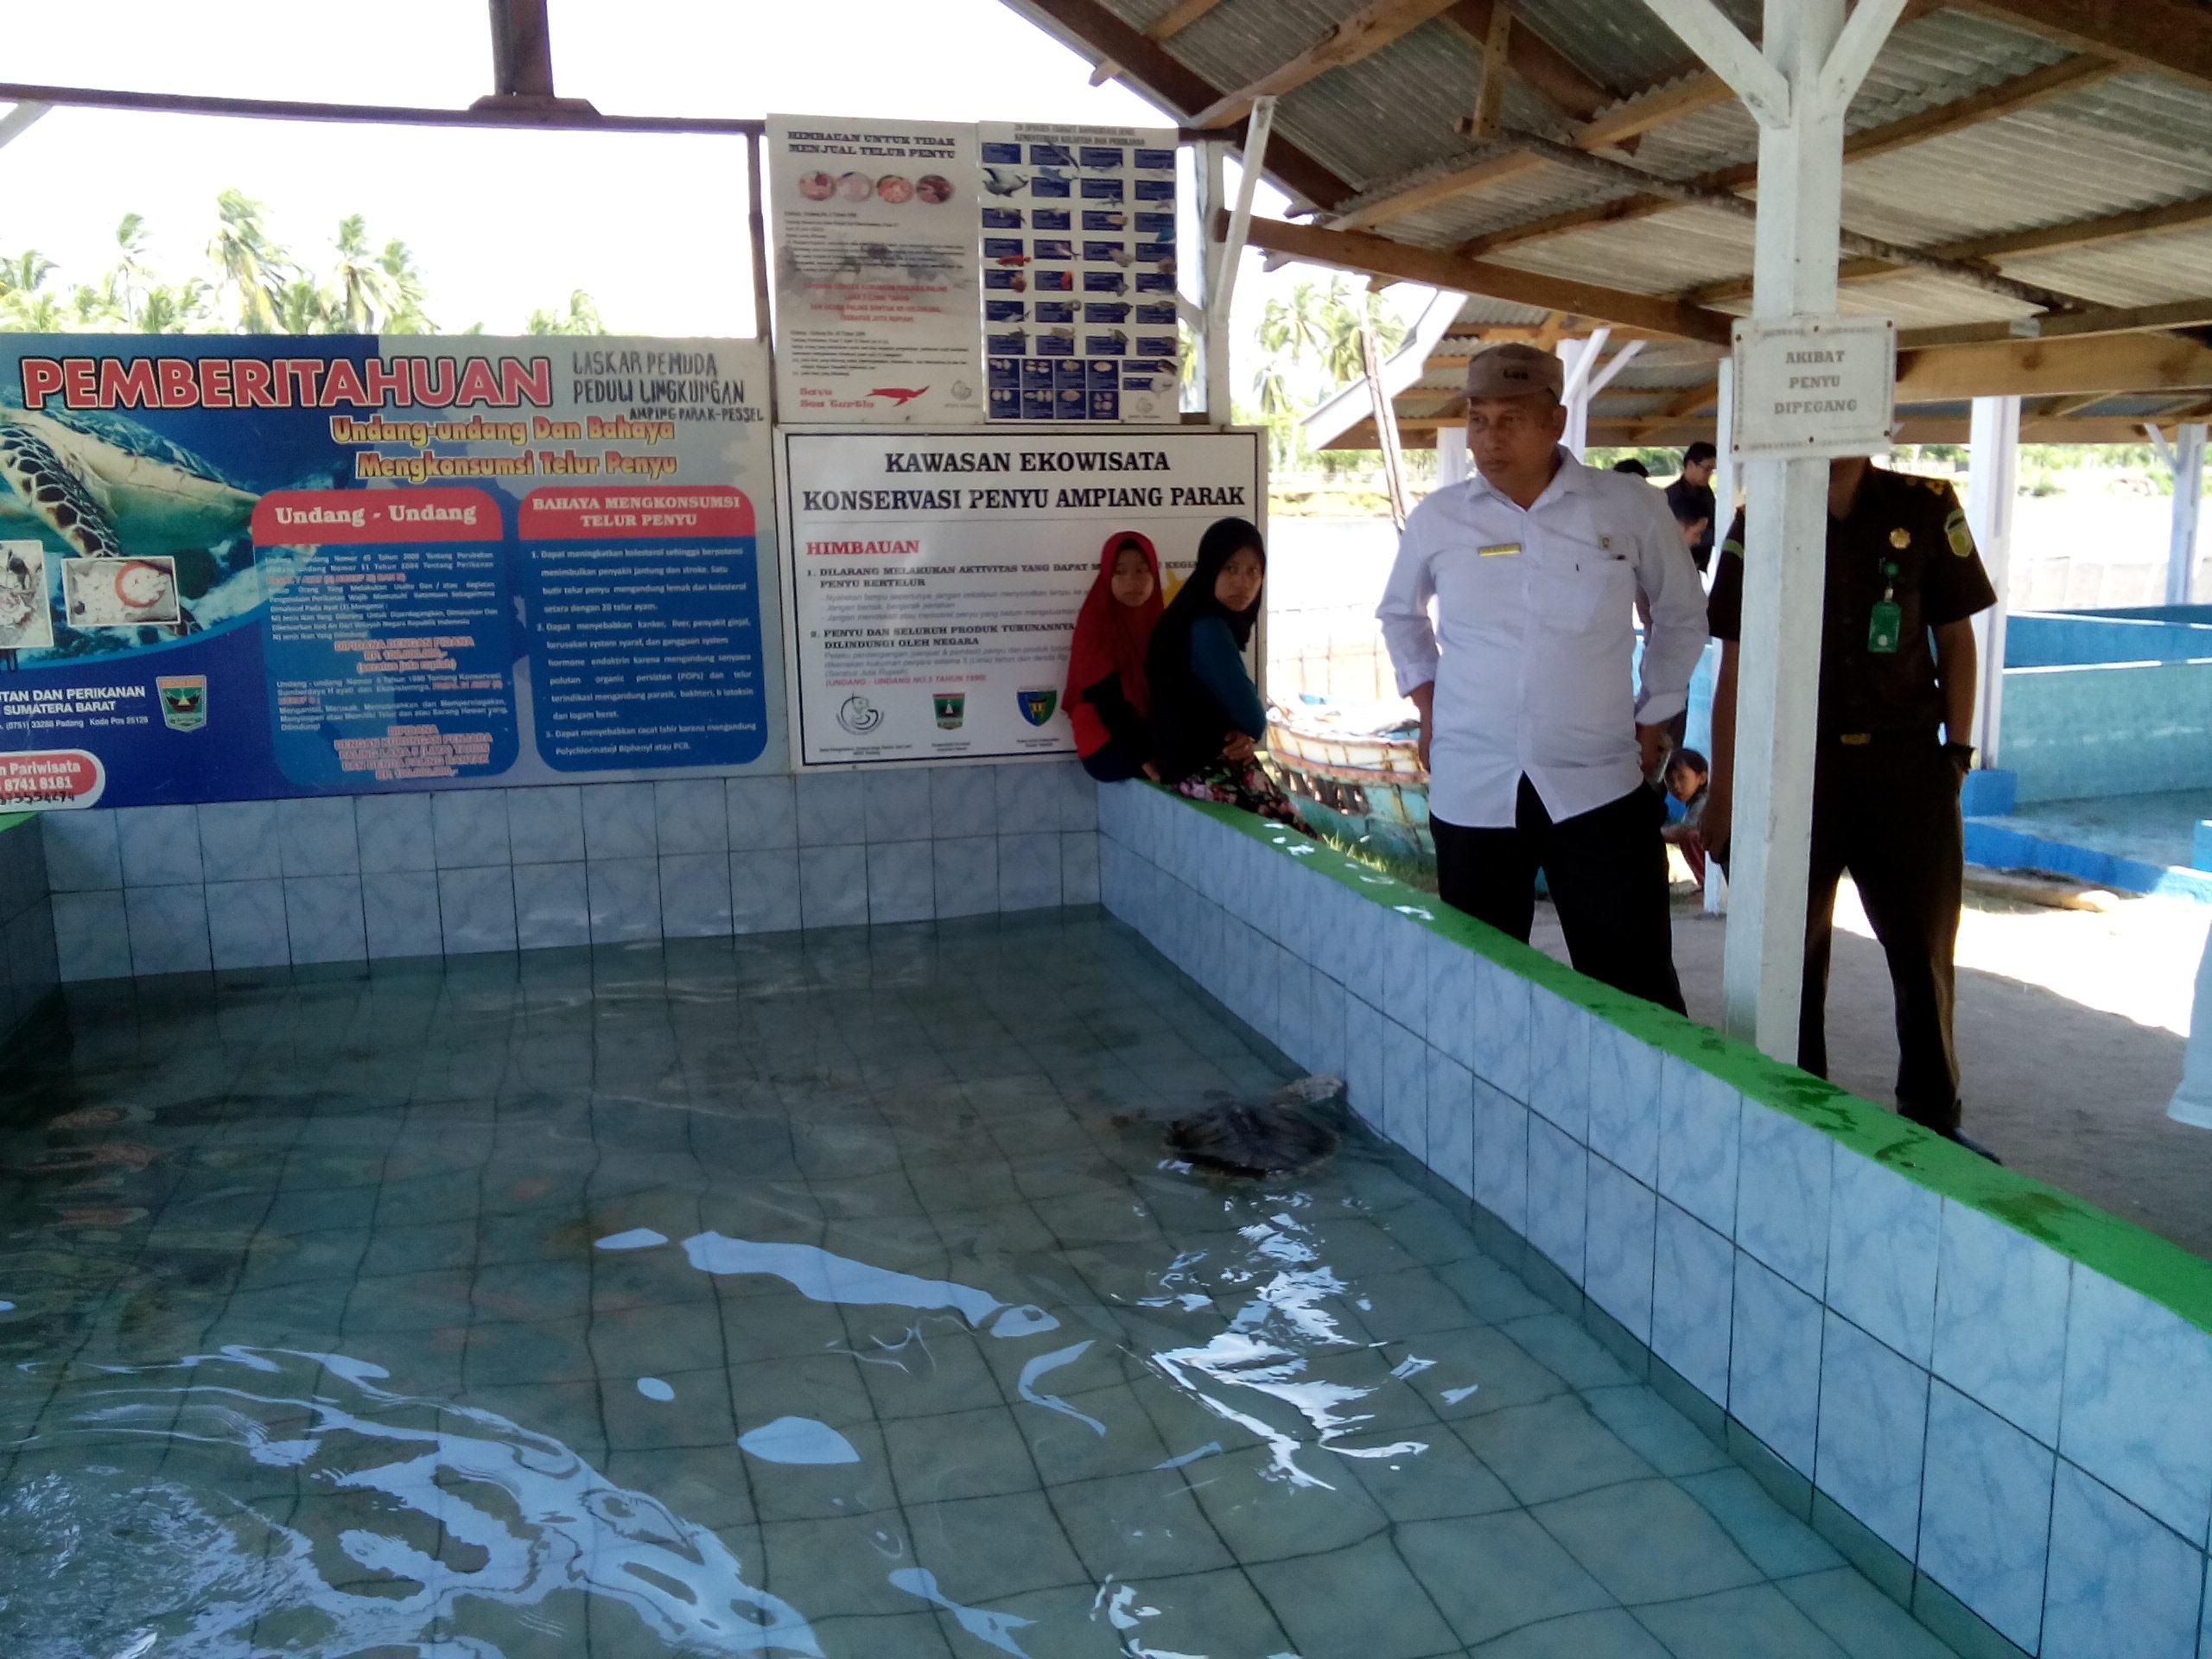 26-03-18_Eduwisata_Konservasi_Penyu_di_Pantai_Ampingparak.jpg